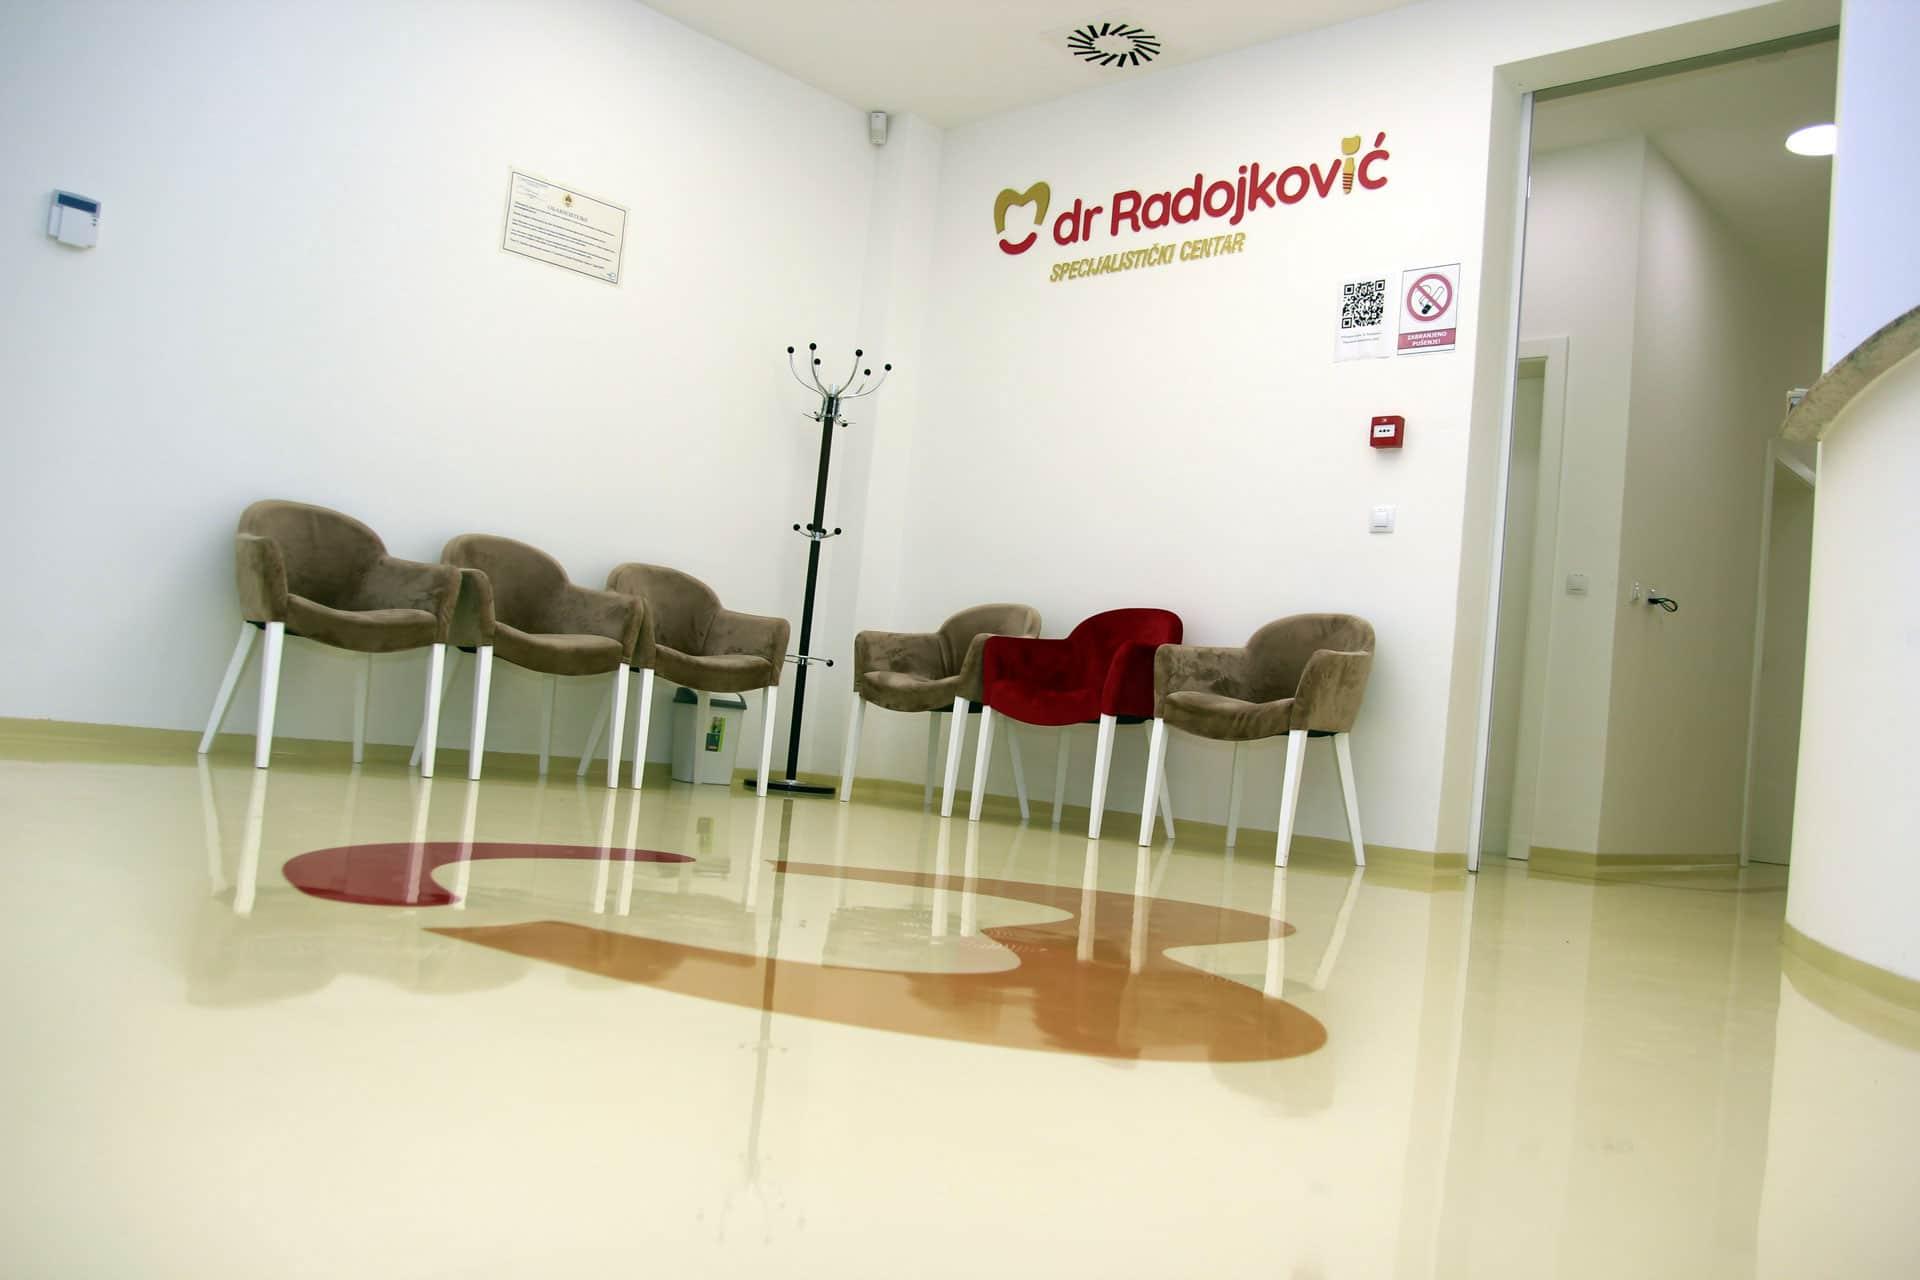 Specijalistički centar doktor Rdojkovic